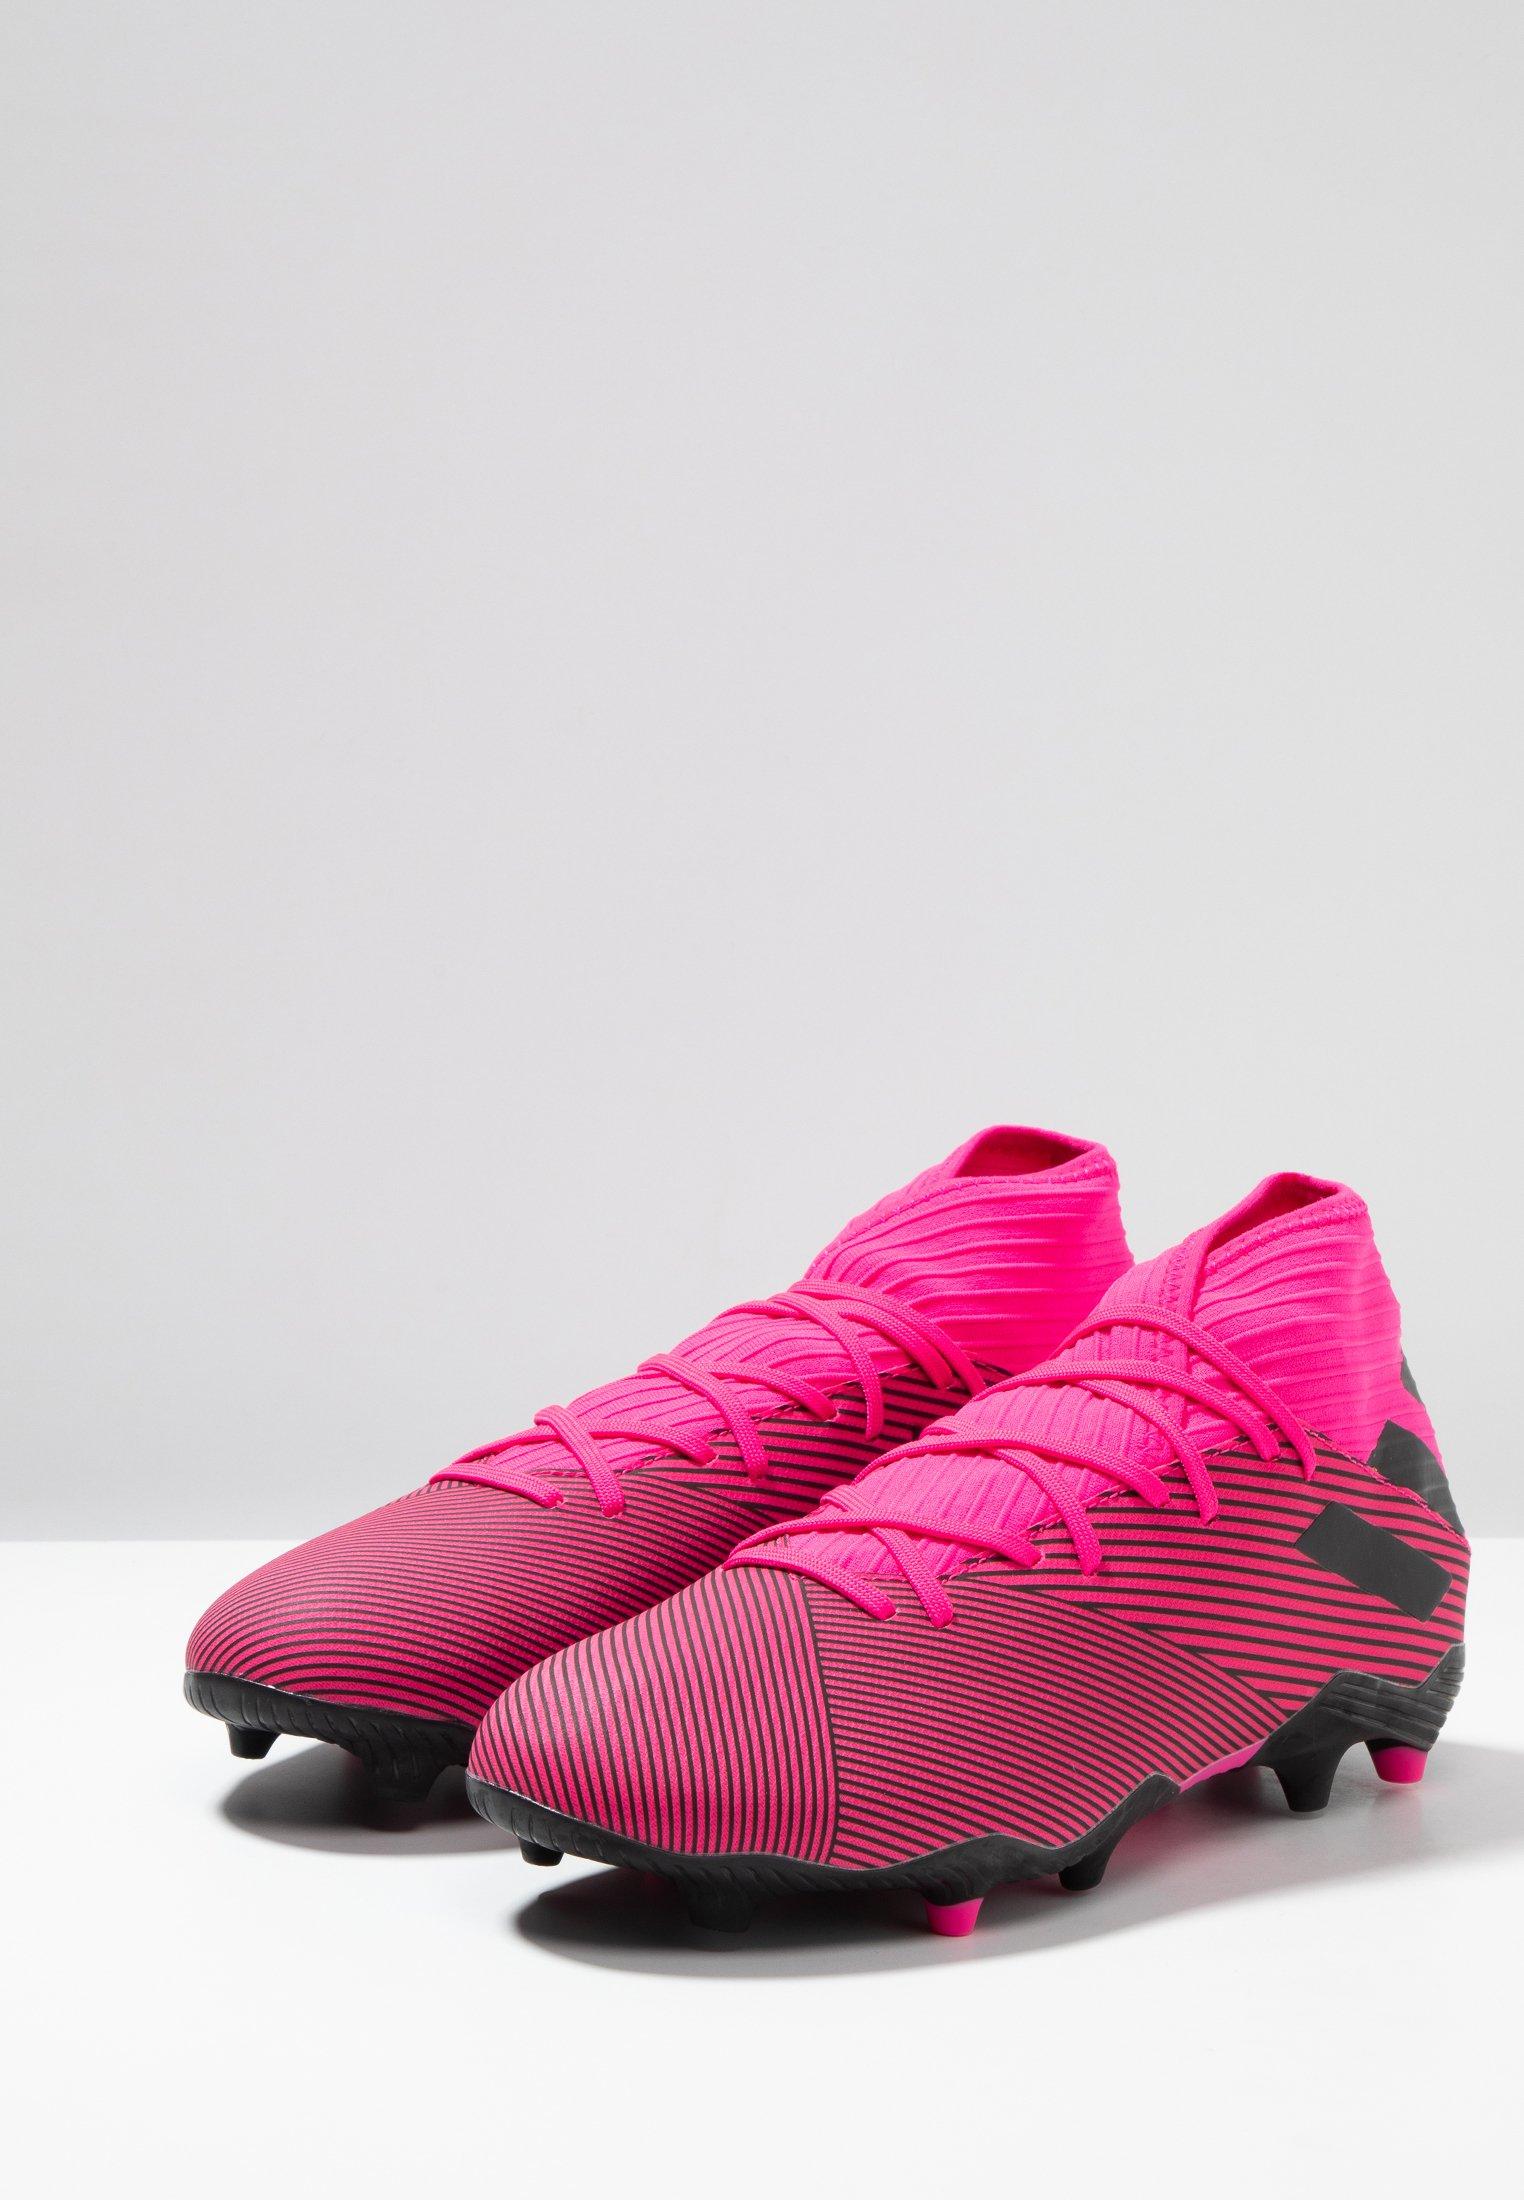 Adidas Performance Nemeziz Football Boots Firm Ground - Voetbalschoenen Met Kunststof Noppen Shock Pink/core Black